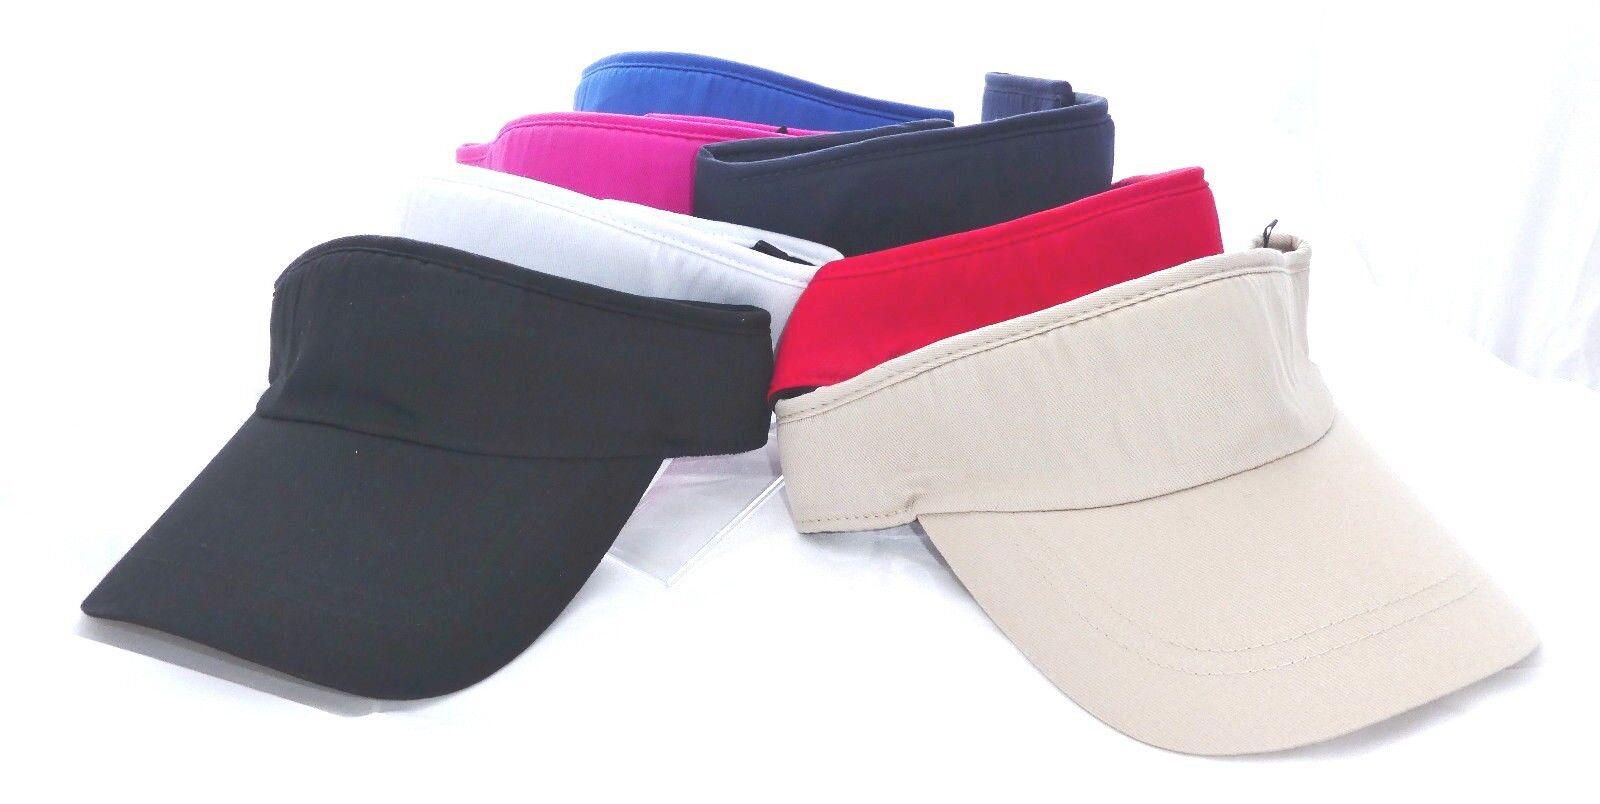 Sonnenschild/Visor-Lauf/Golf/Tenniscap für Damen und Herren 100% Baumwolle,Klett